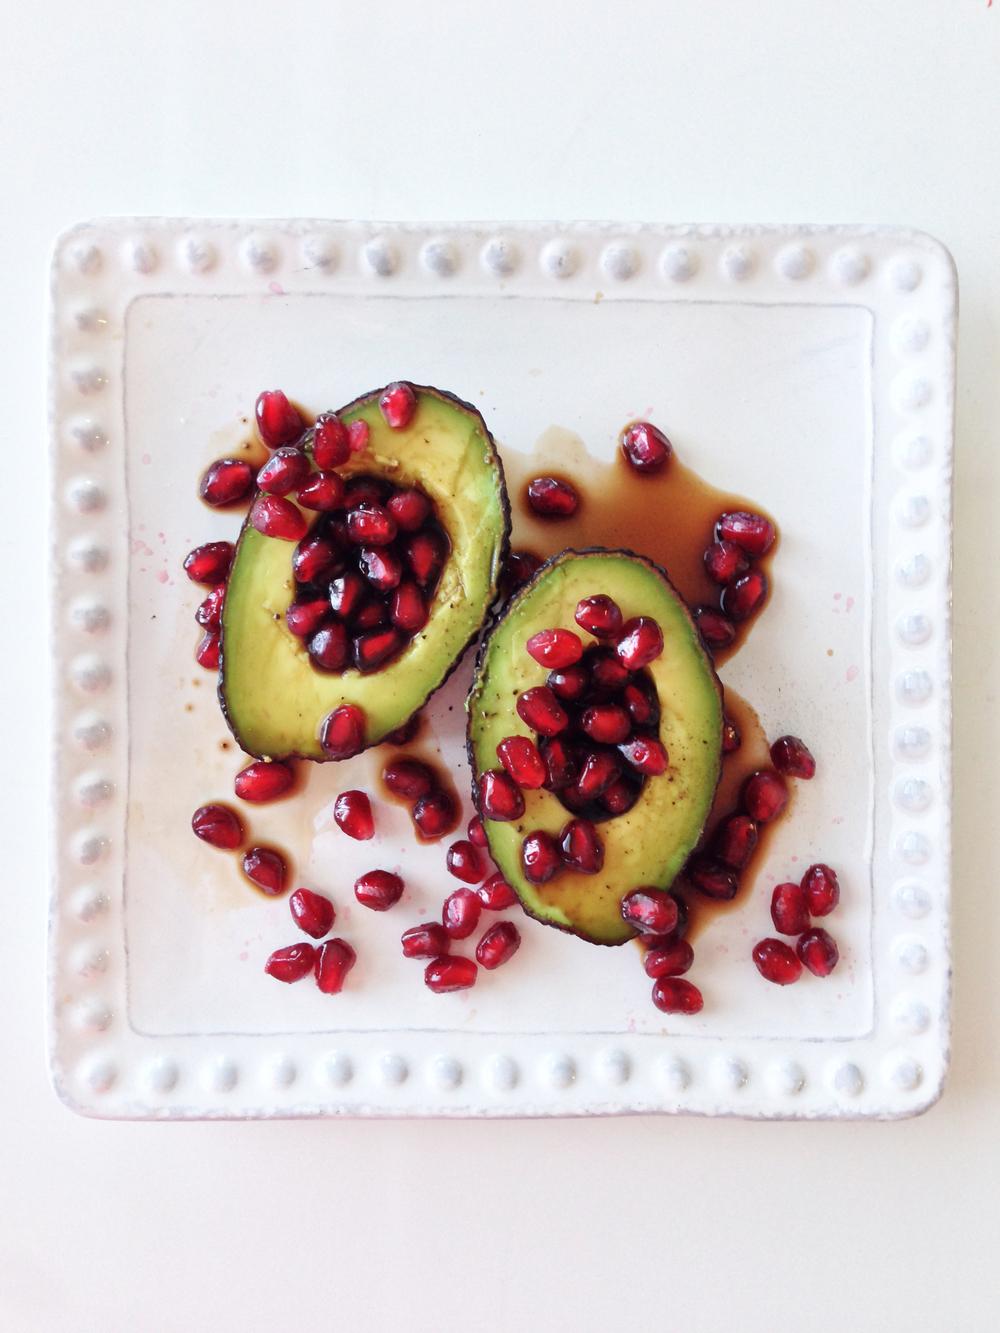 pomegranate avocado